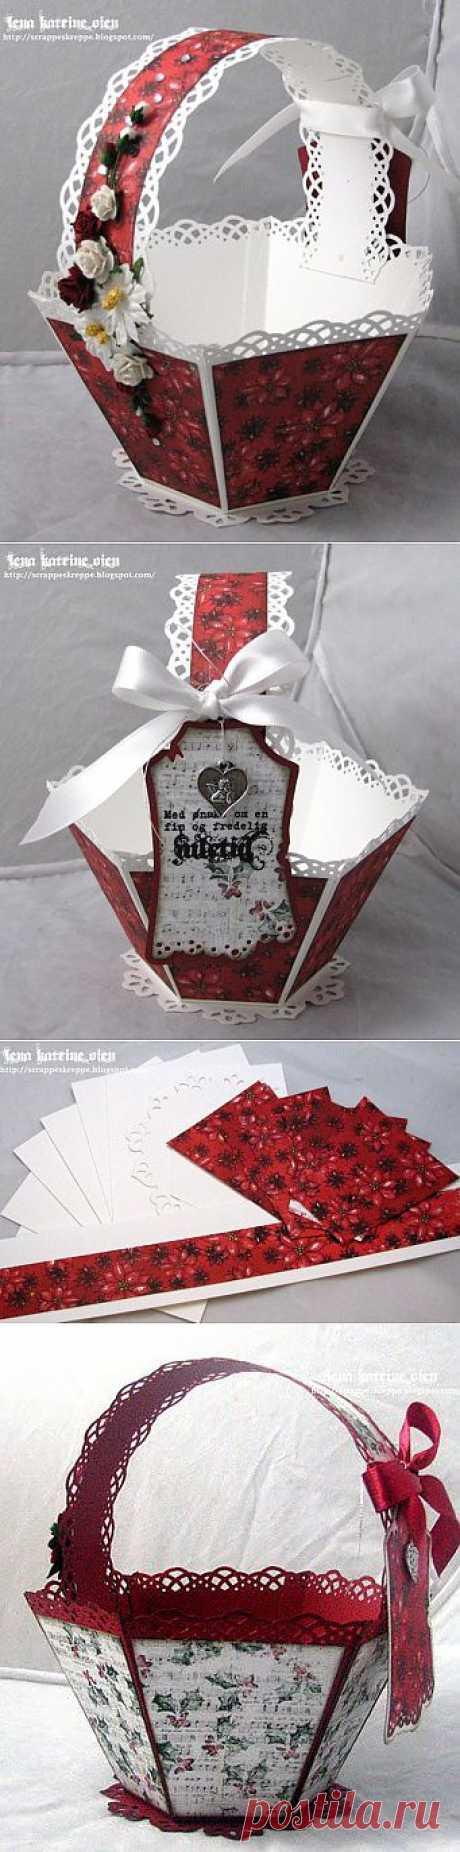 (+1) тема - Подарочная упаковка - корзинка | СДЕЛАЙ САМ!